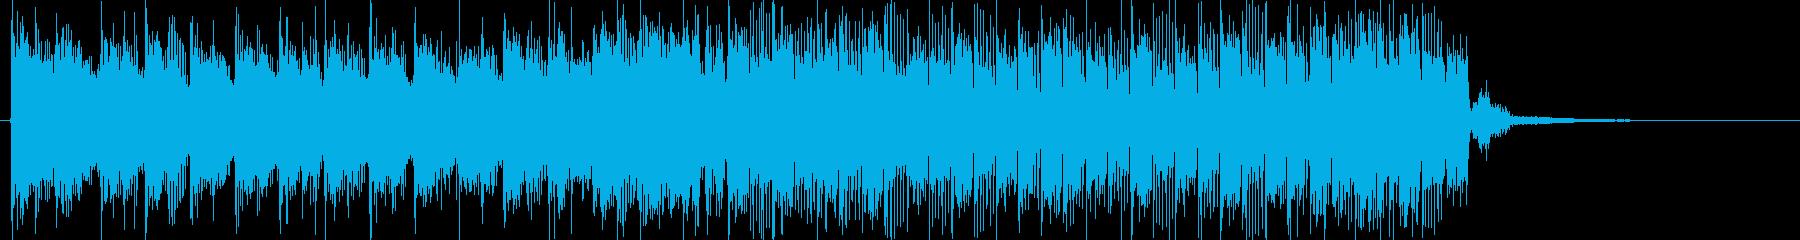 クラブをイメージの再生済みの波形